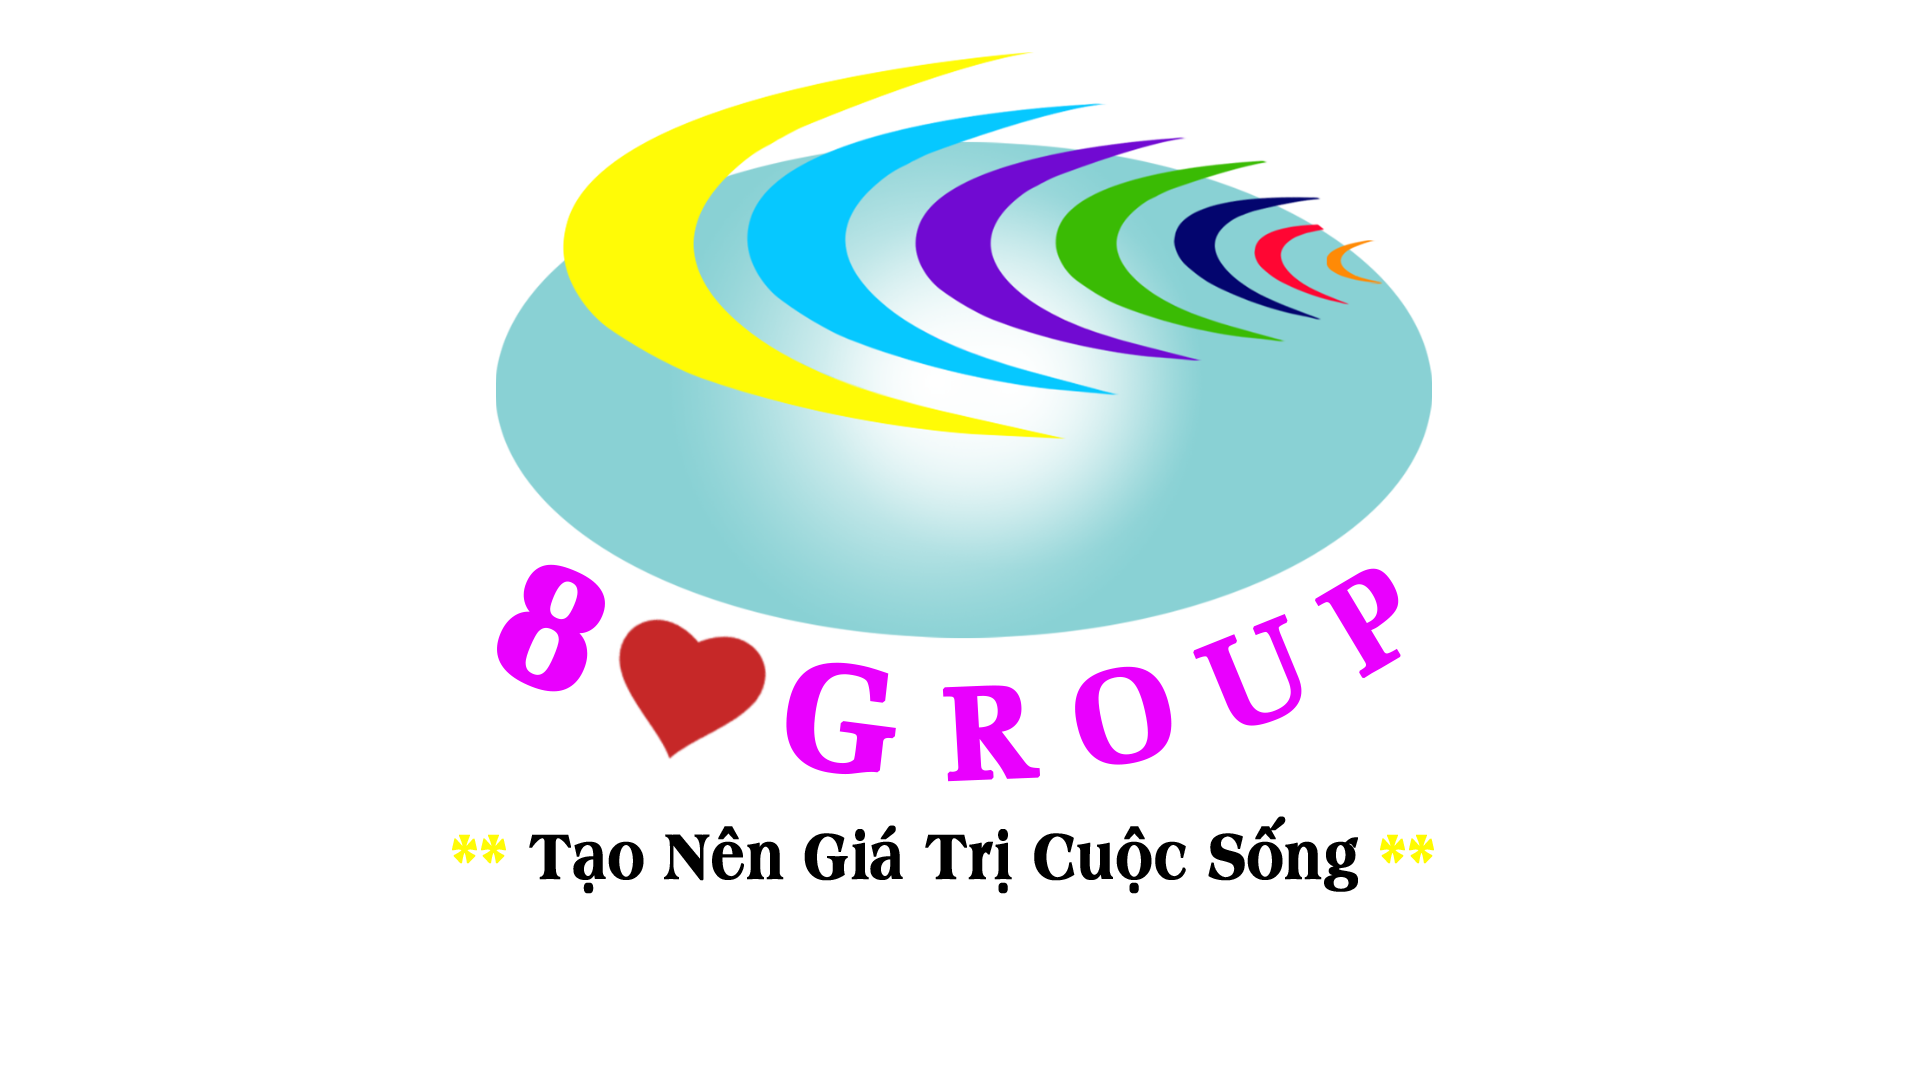 logo phòng khám công nghệ 4.0